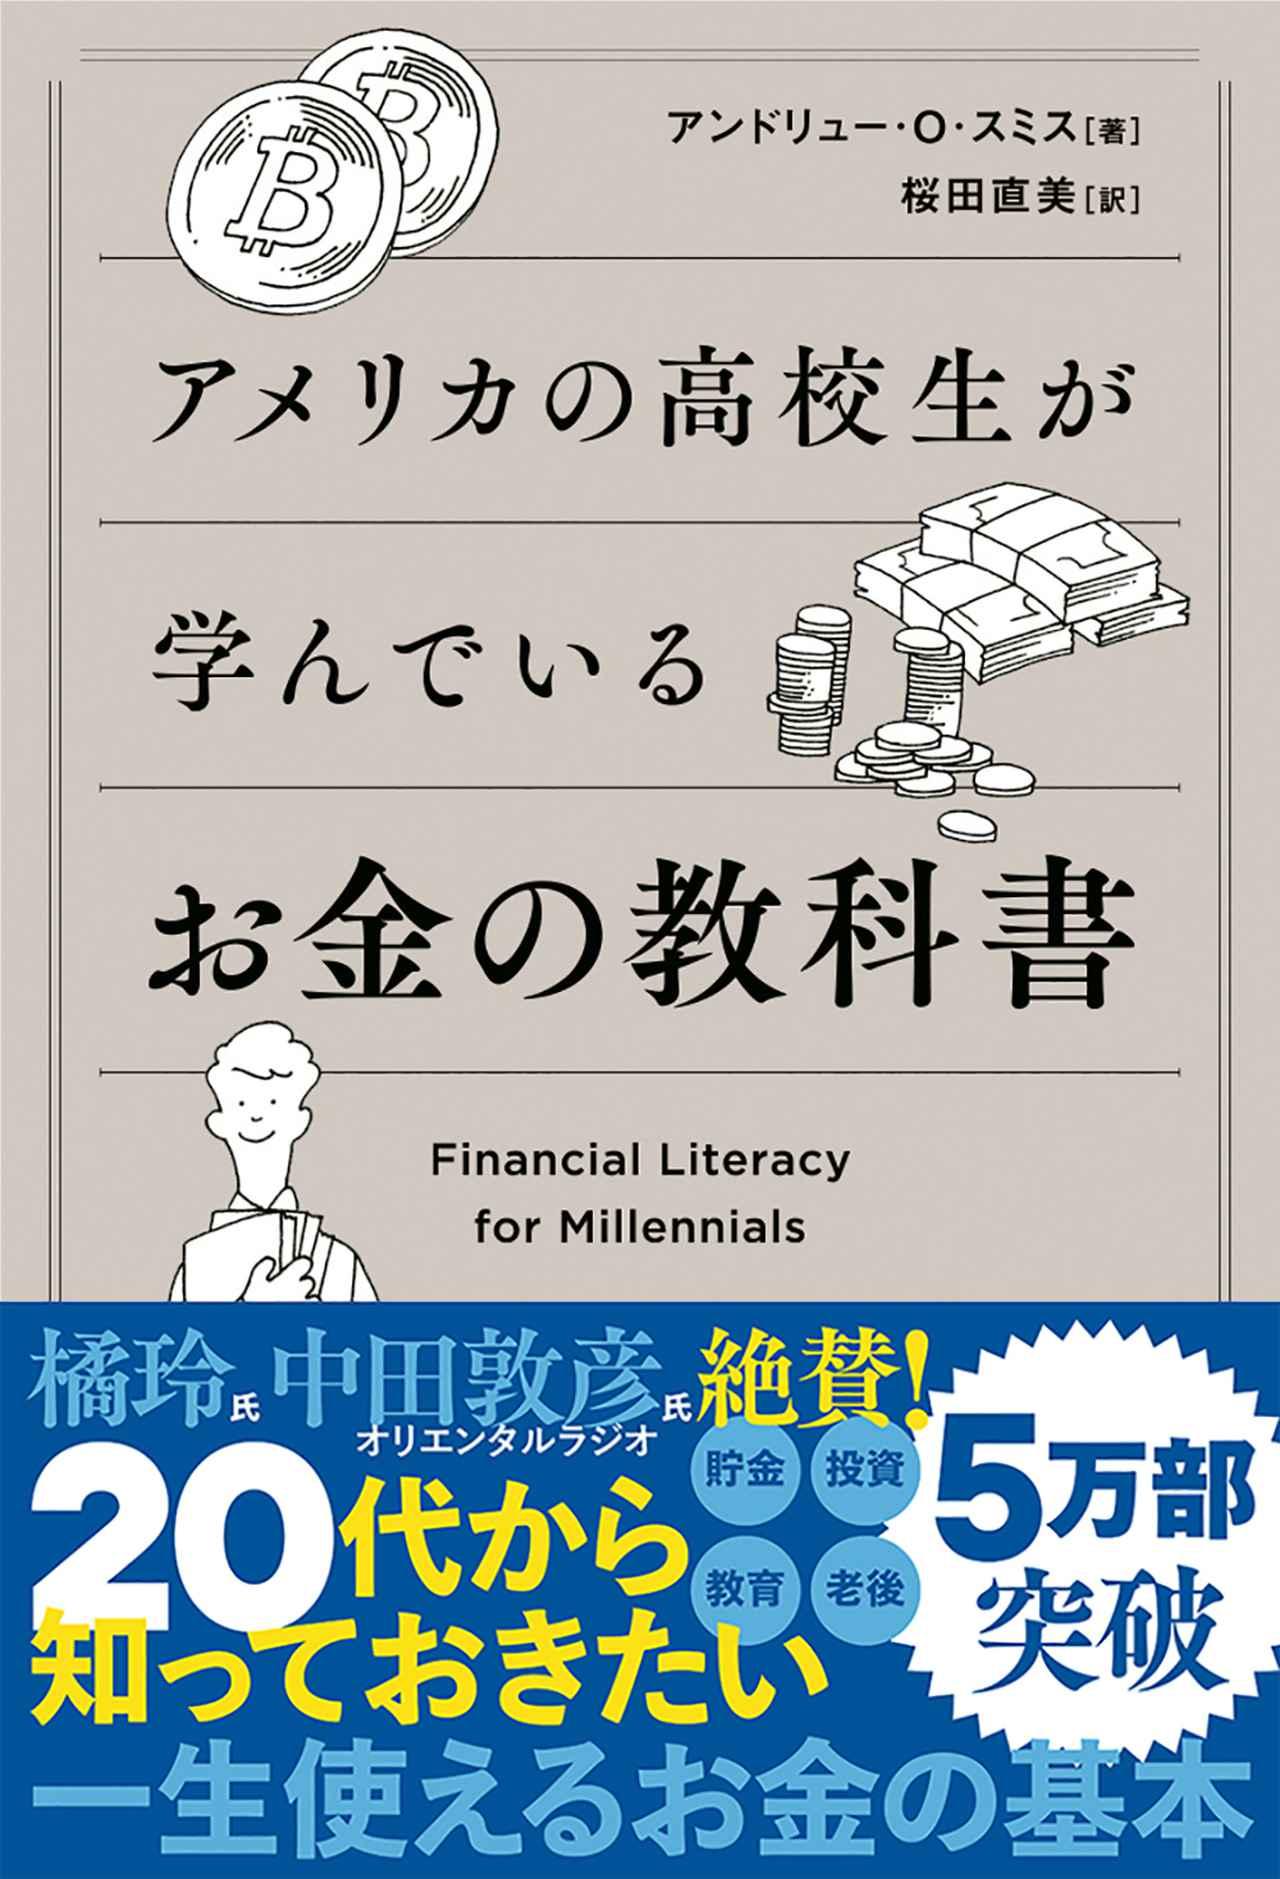 画像3: 今こそ読みたい資産運用の本12冊。コロナ禍にも負けない知識のつけ方をIFAが解説